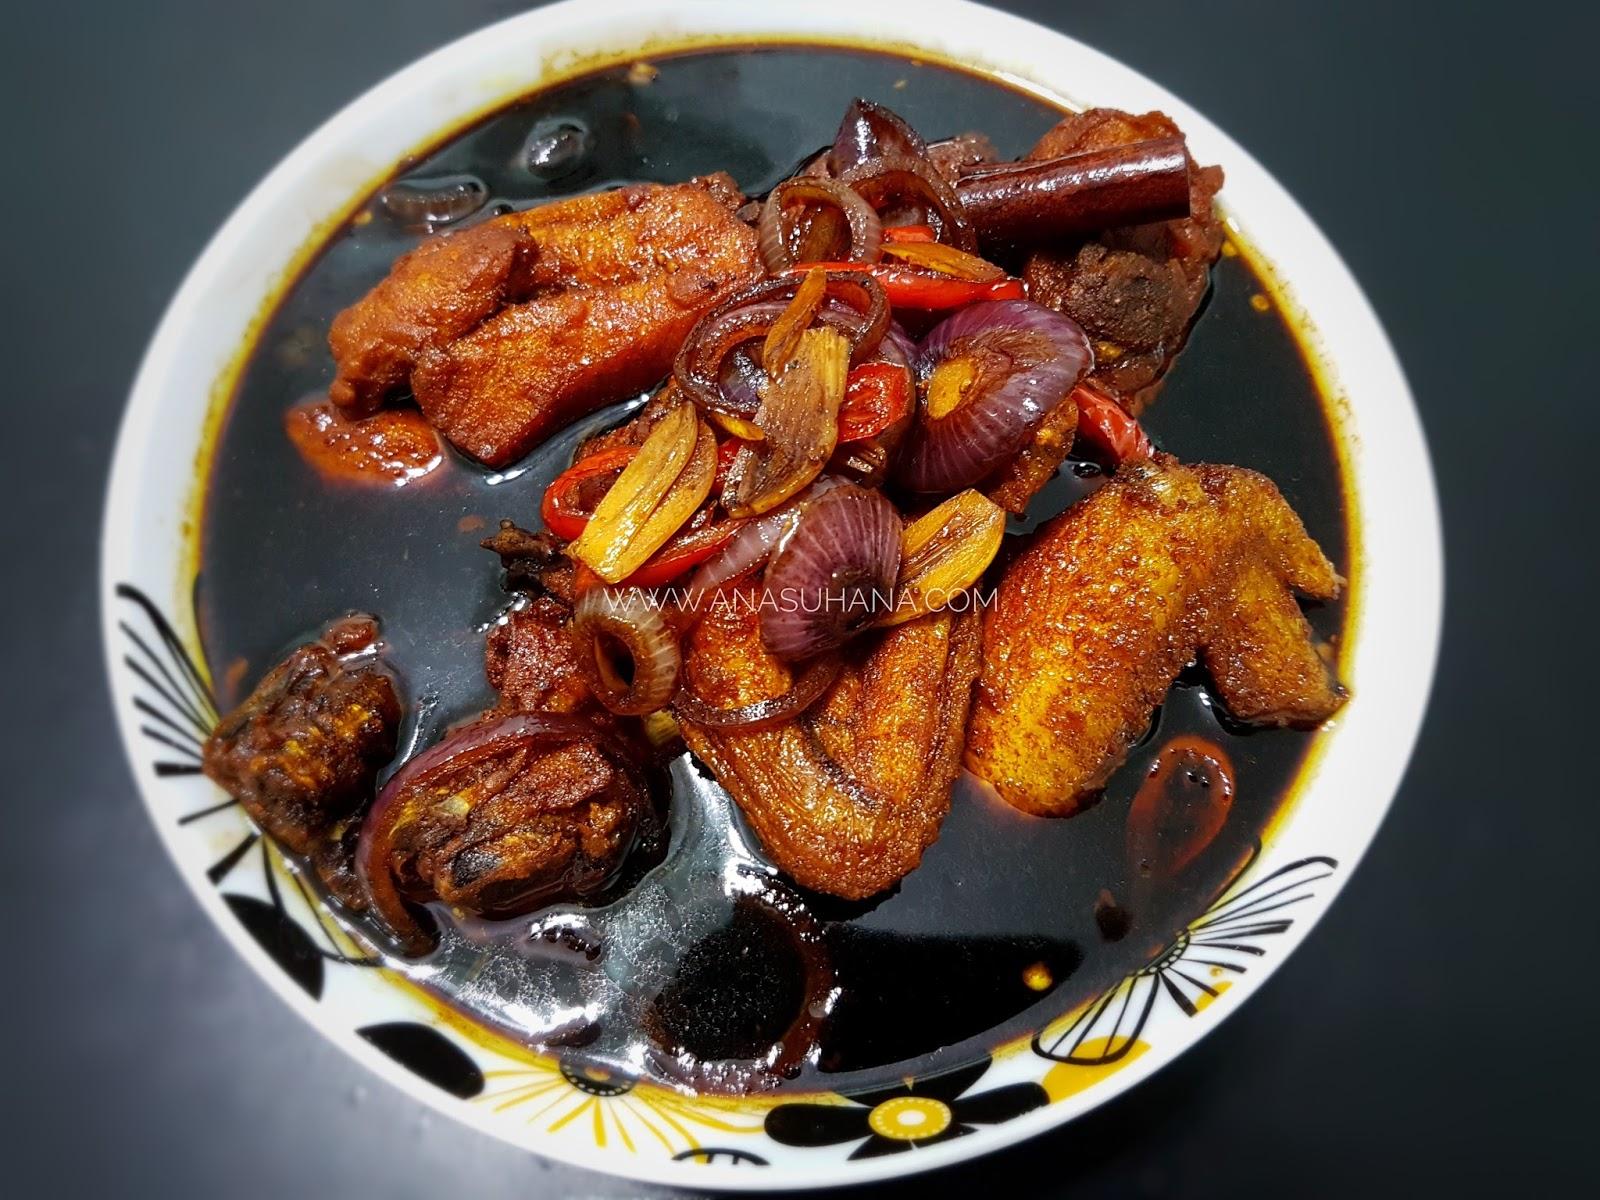 Resipi Ayam Masak Kicap Mudah dan Cepat